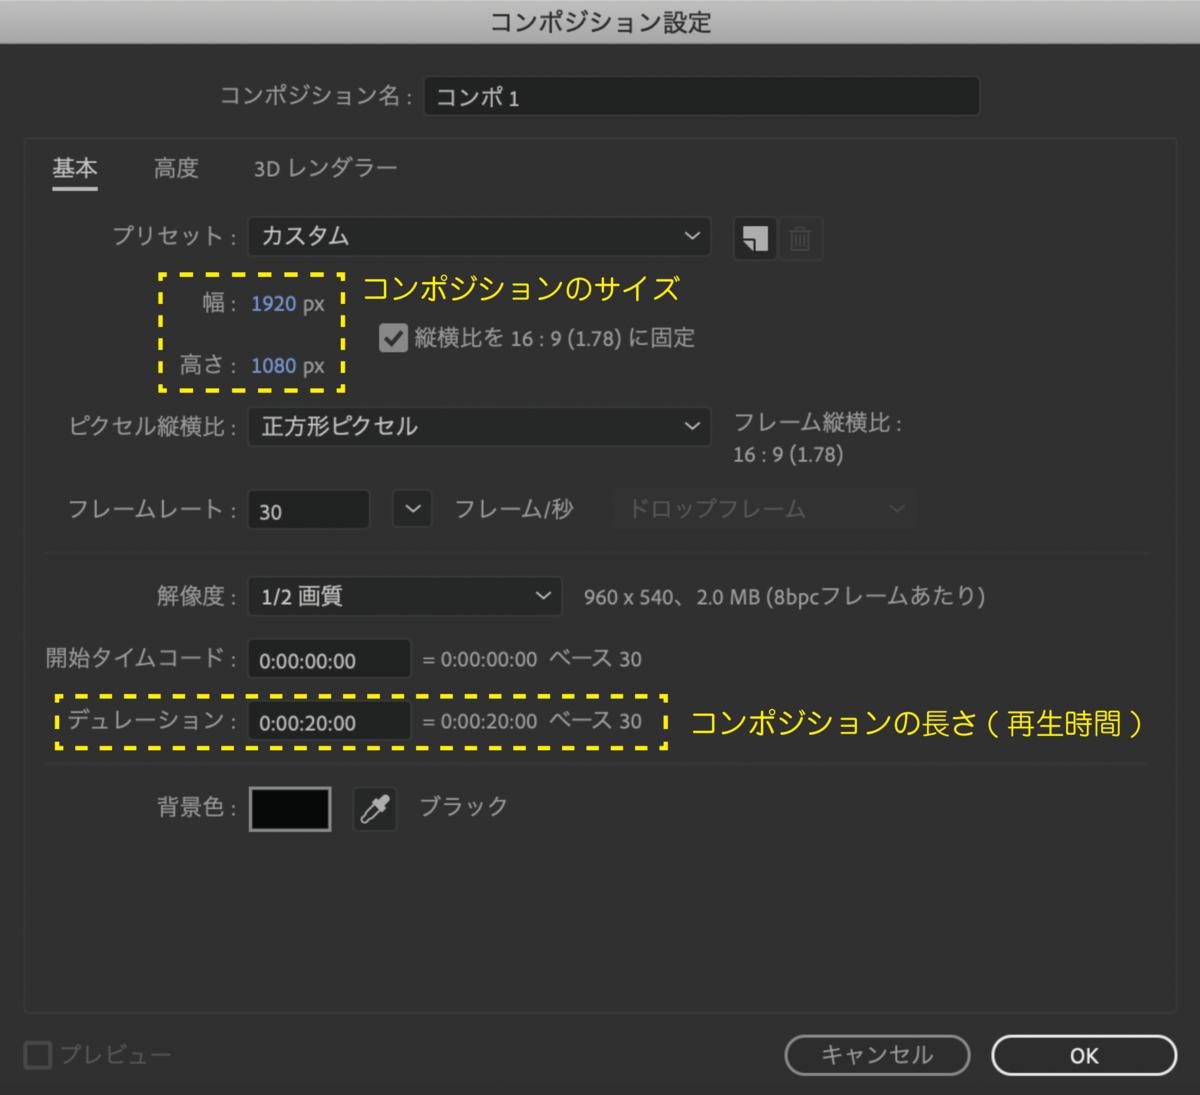 f:id:Hamakichi:20200517120529p:plain